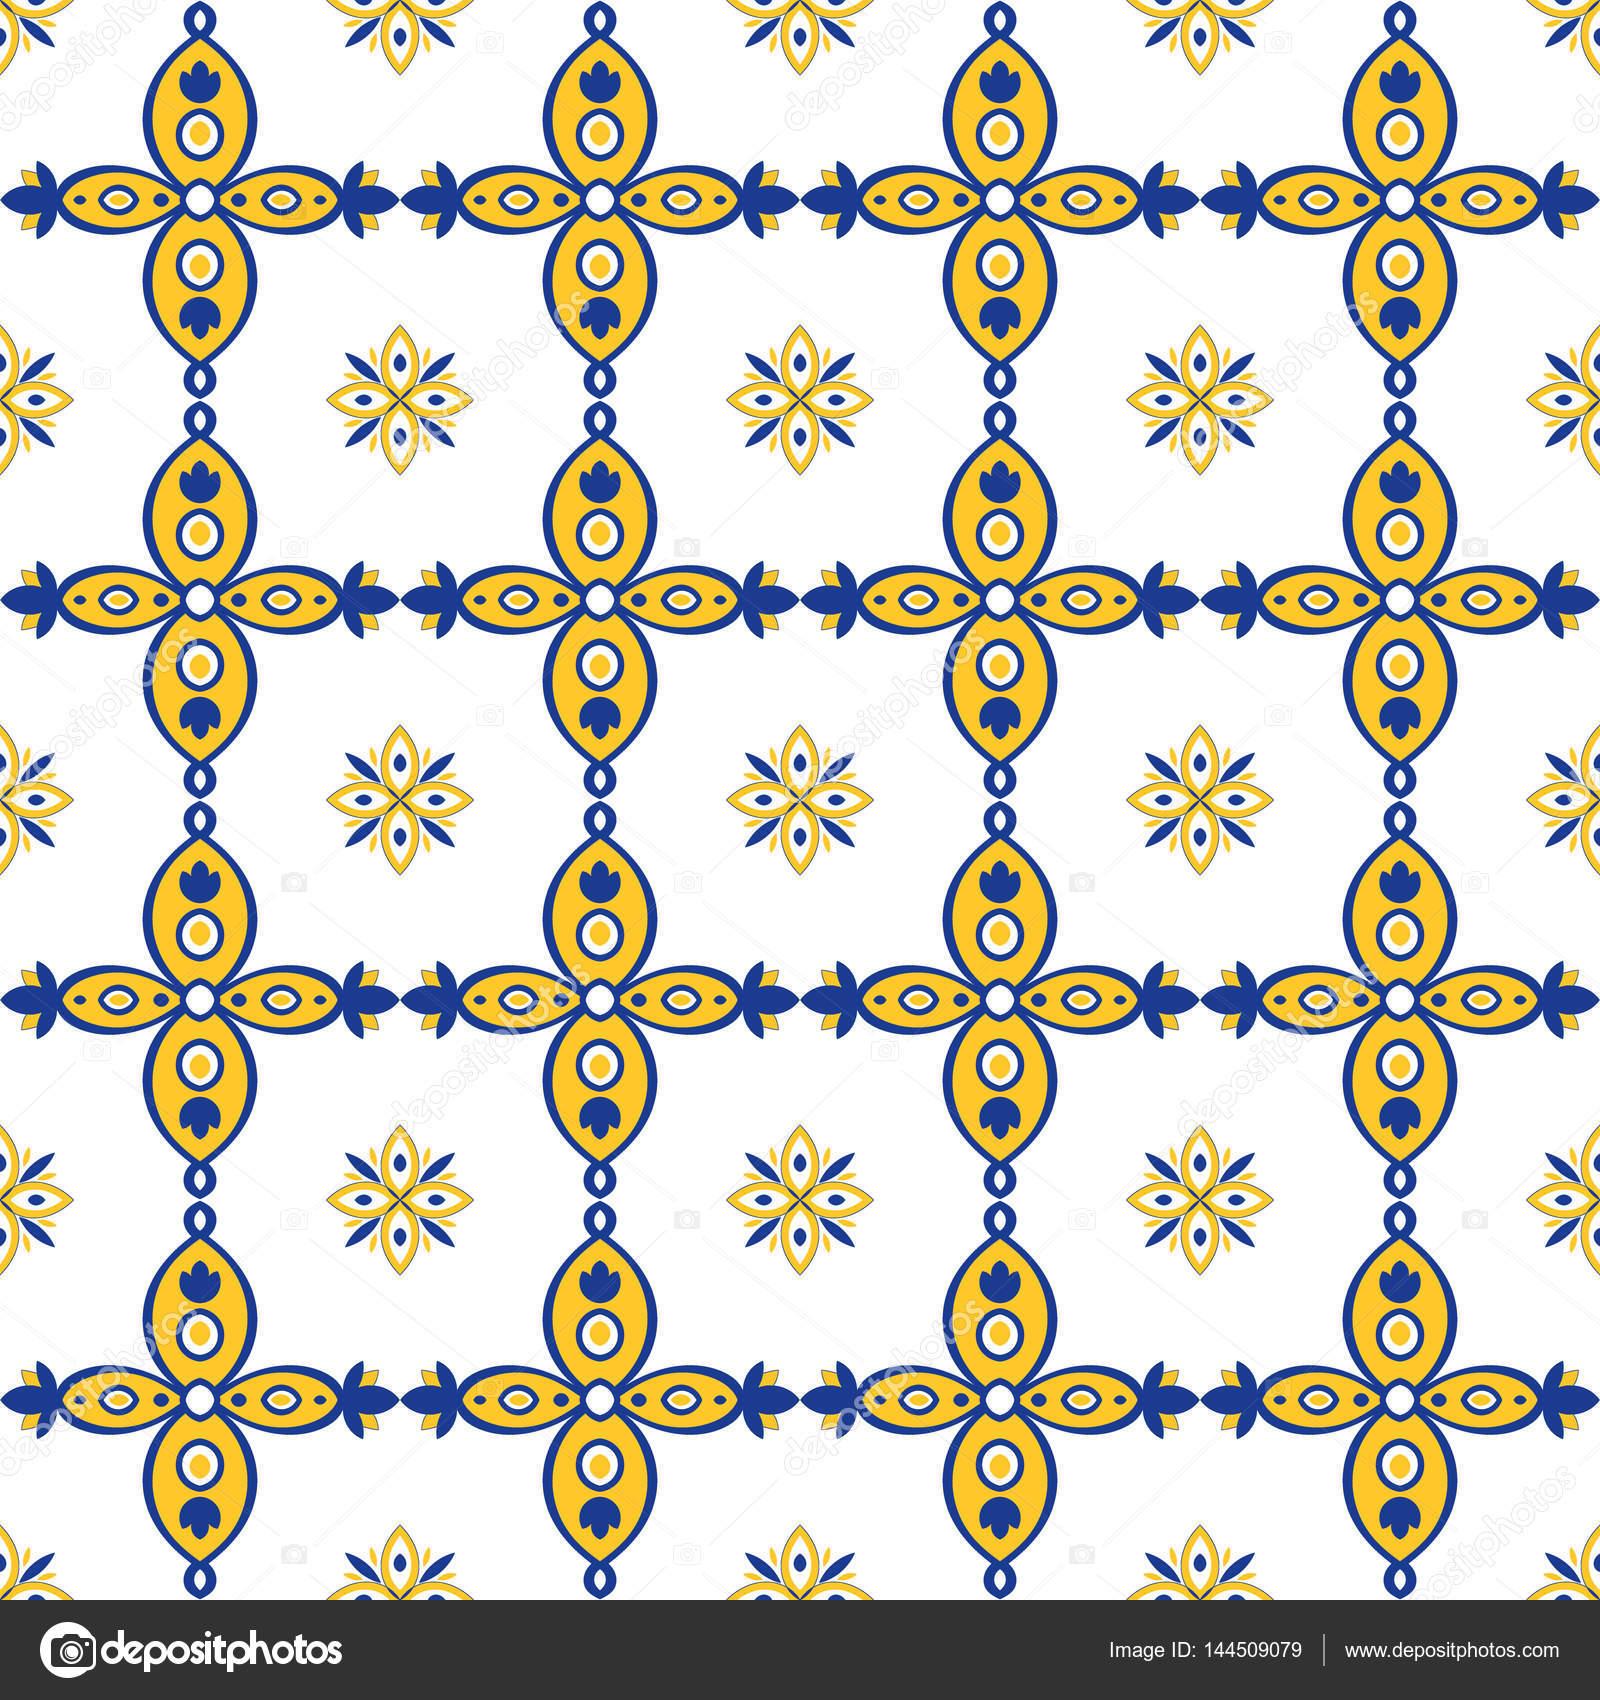 Orientalische Muster Nahtlos Blau Gelb Und Weiß Marokkanisch - Fliesen auf türkisch